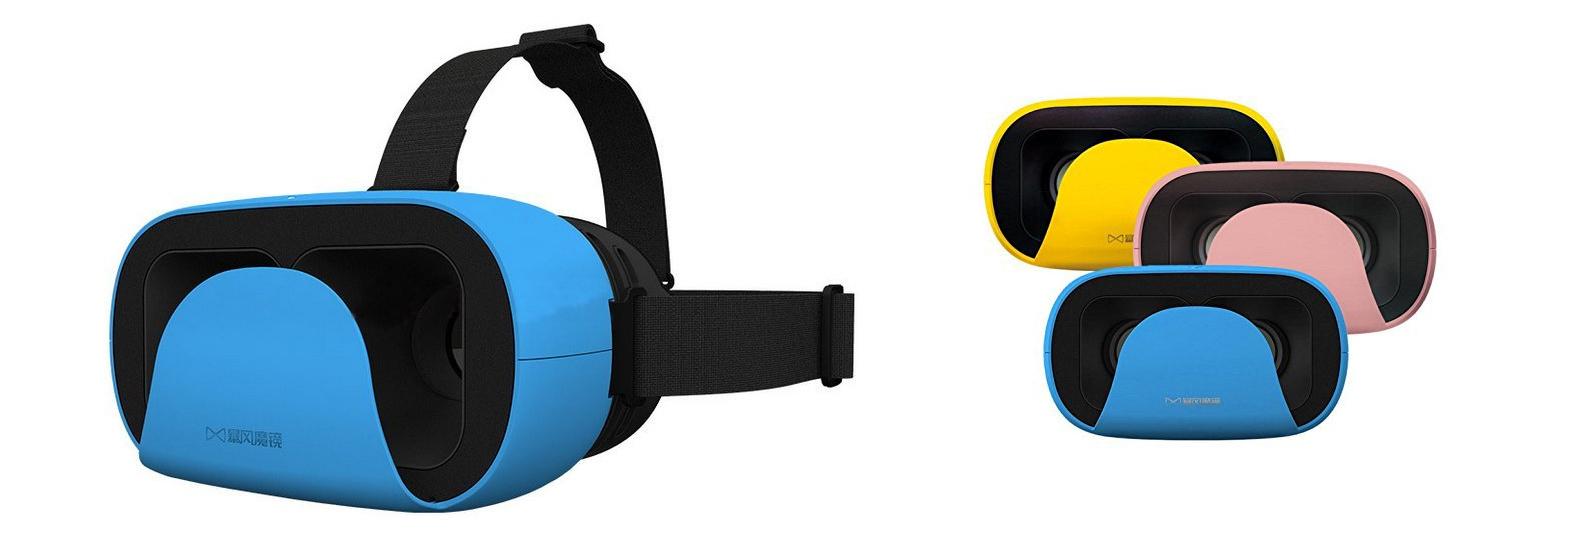 best vr headset 2016 Uvistar 3D Glasses